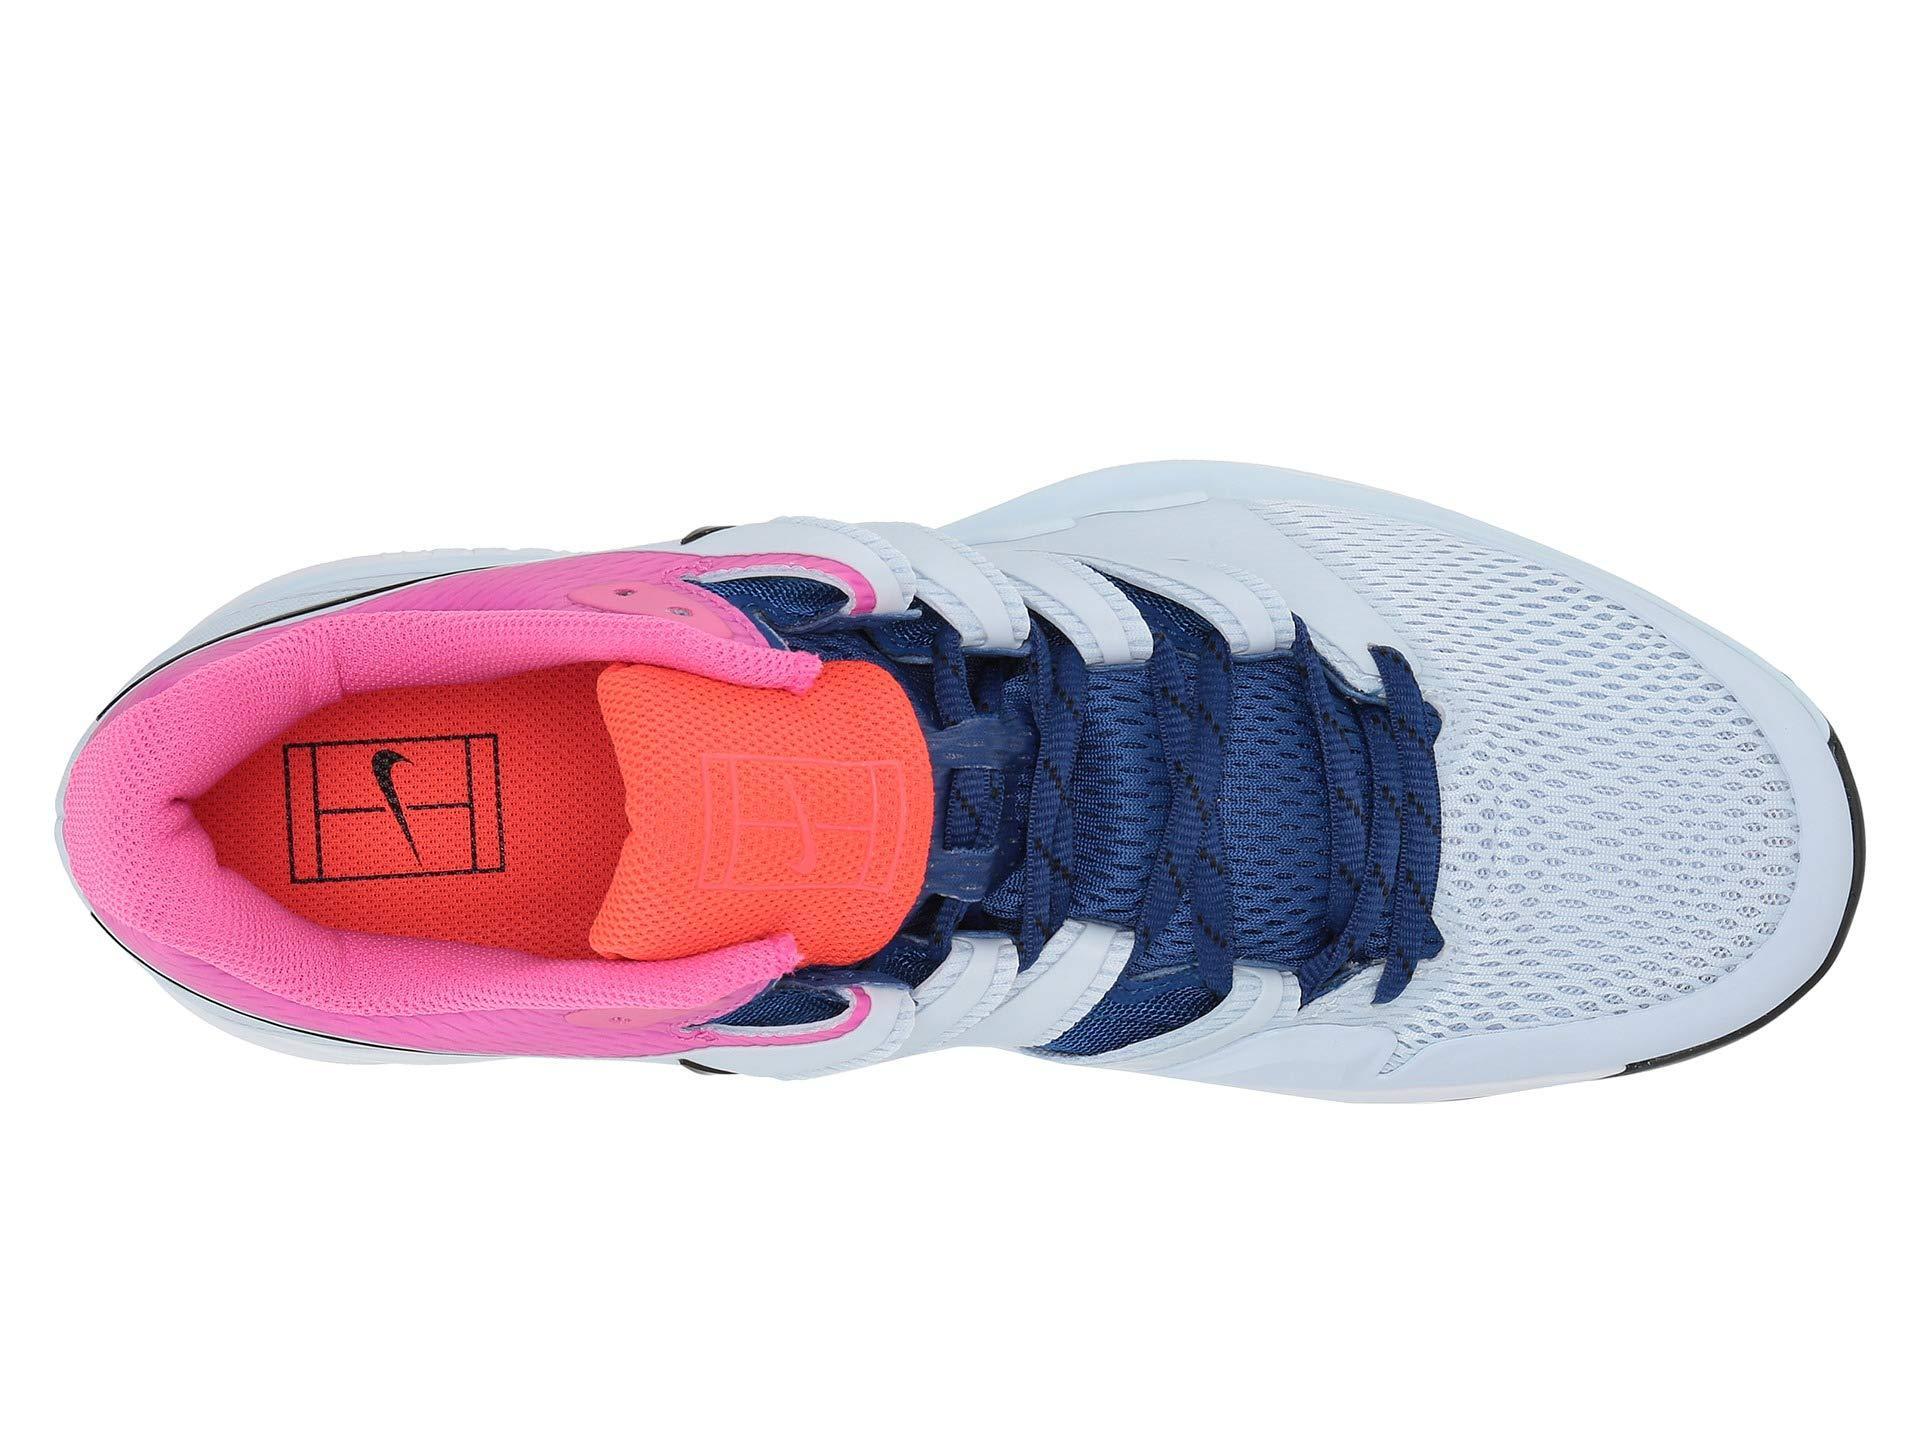 d868d4ae9 Nike - Multicolor Air Zoom Vapor X Clay (black white bright Crimson). View  fullscreen